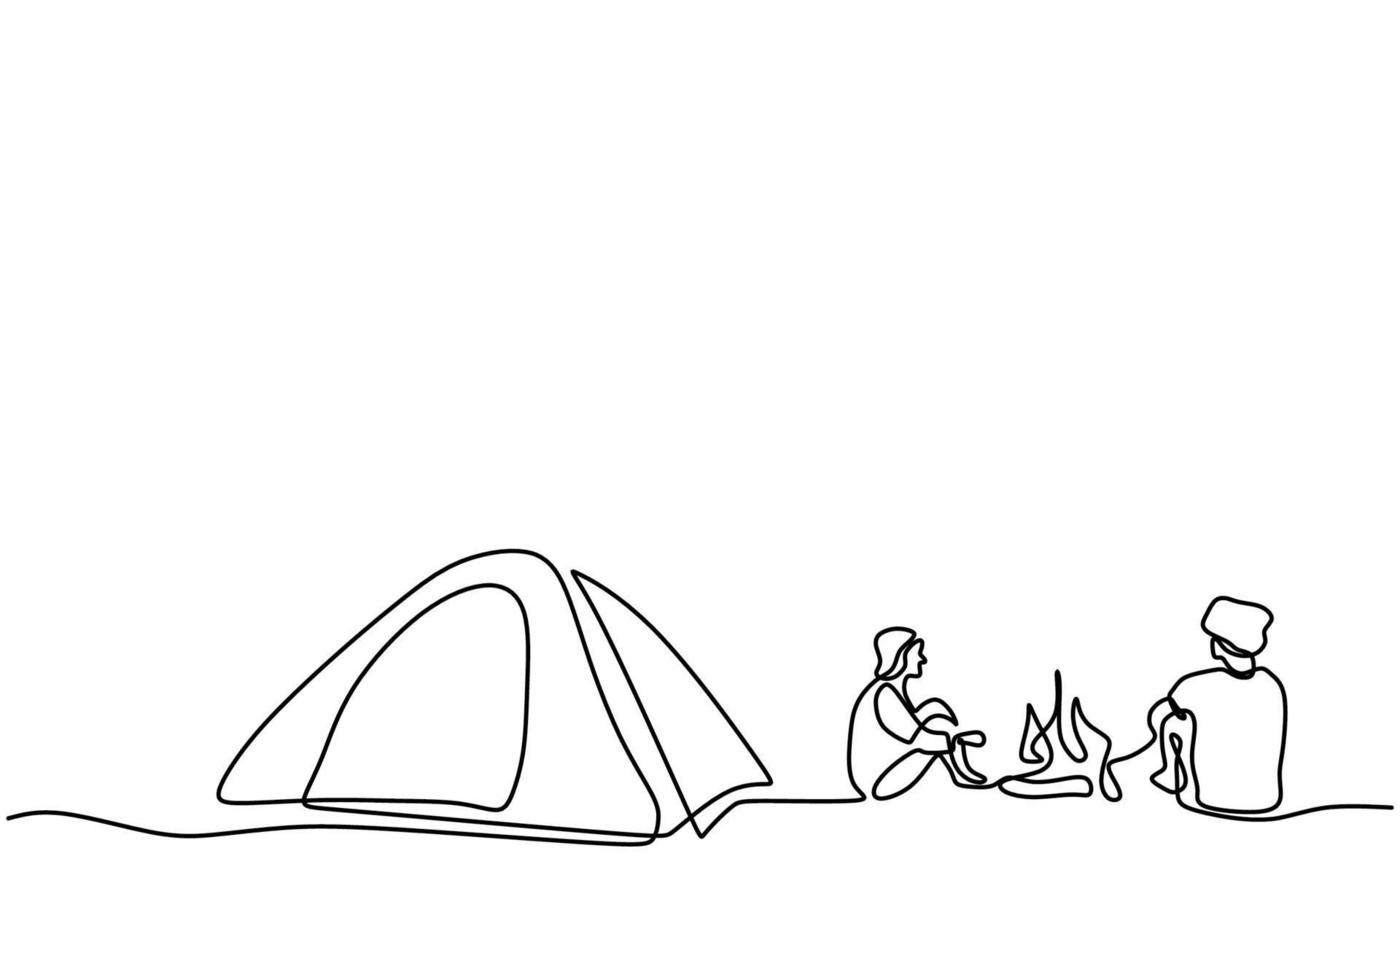 een lijntekening mensen kamperen. jongeren genieten van buitenactiviteiten met tenten en kampvuur. avontuurlijk kamperen en verkennen. gelukkig mannetje opgewonden door kamperen in de bergen en genieten van de natuur vector